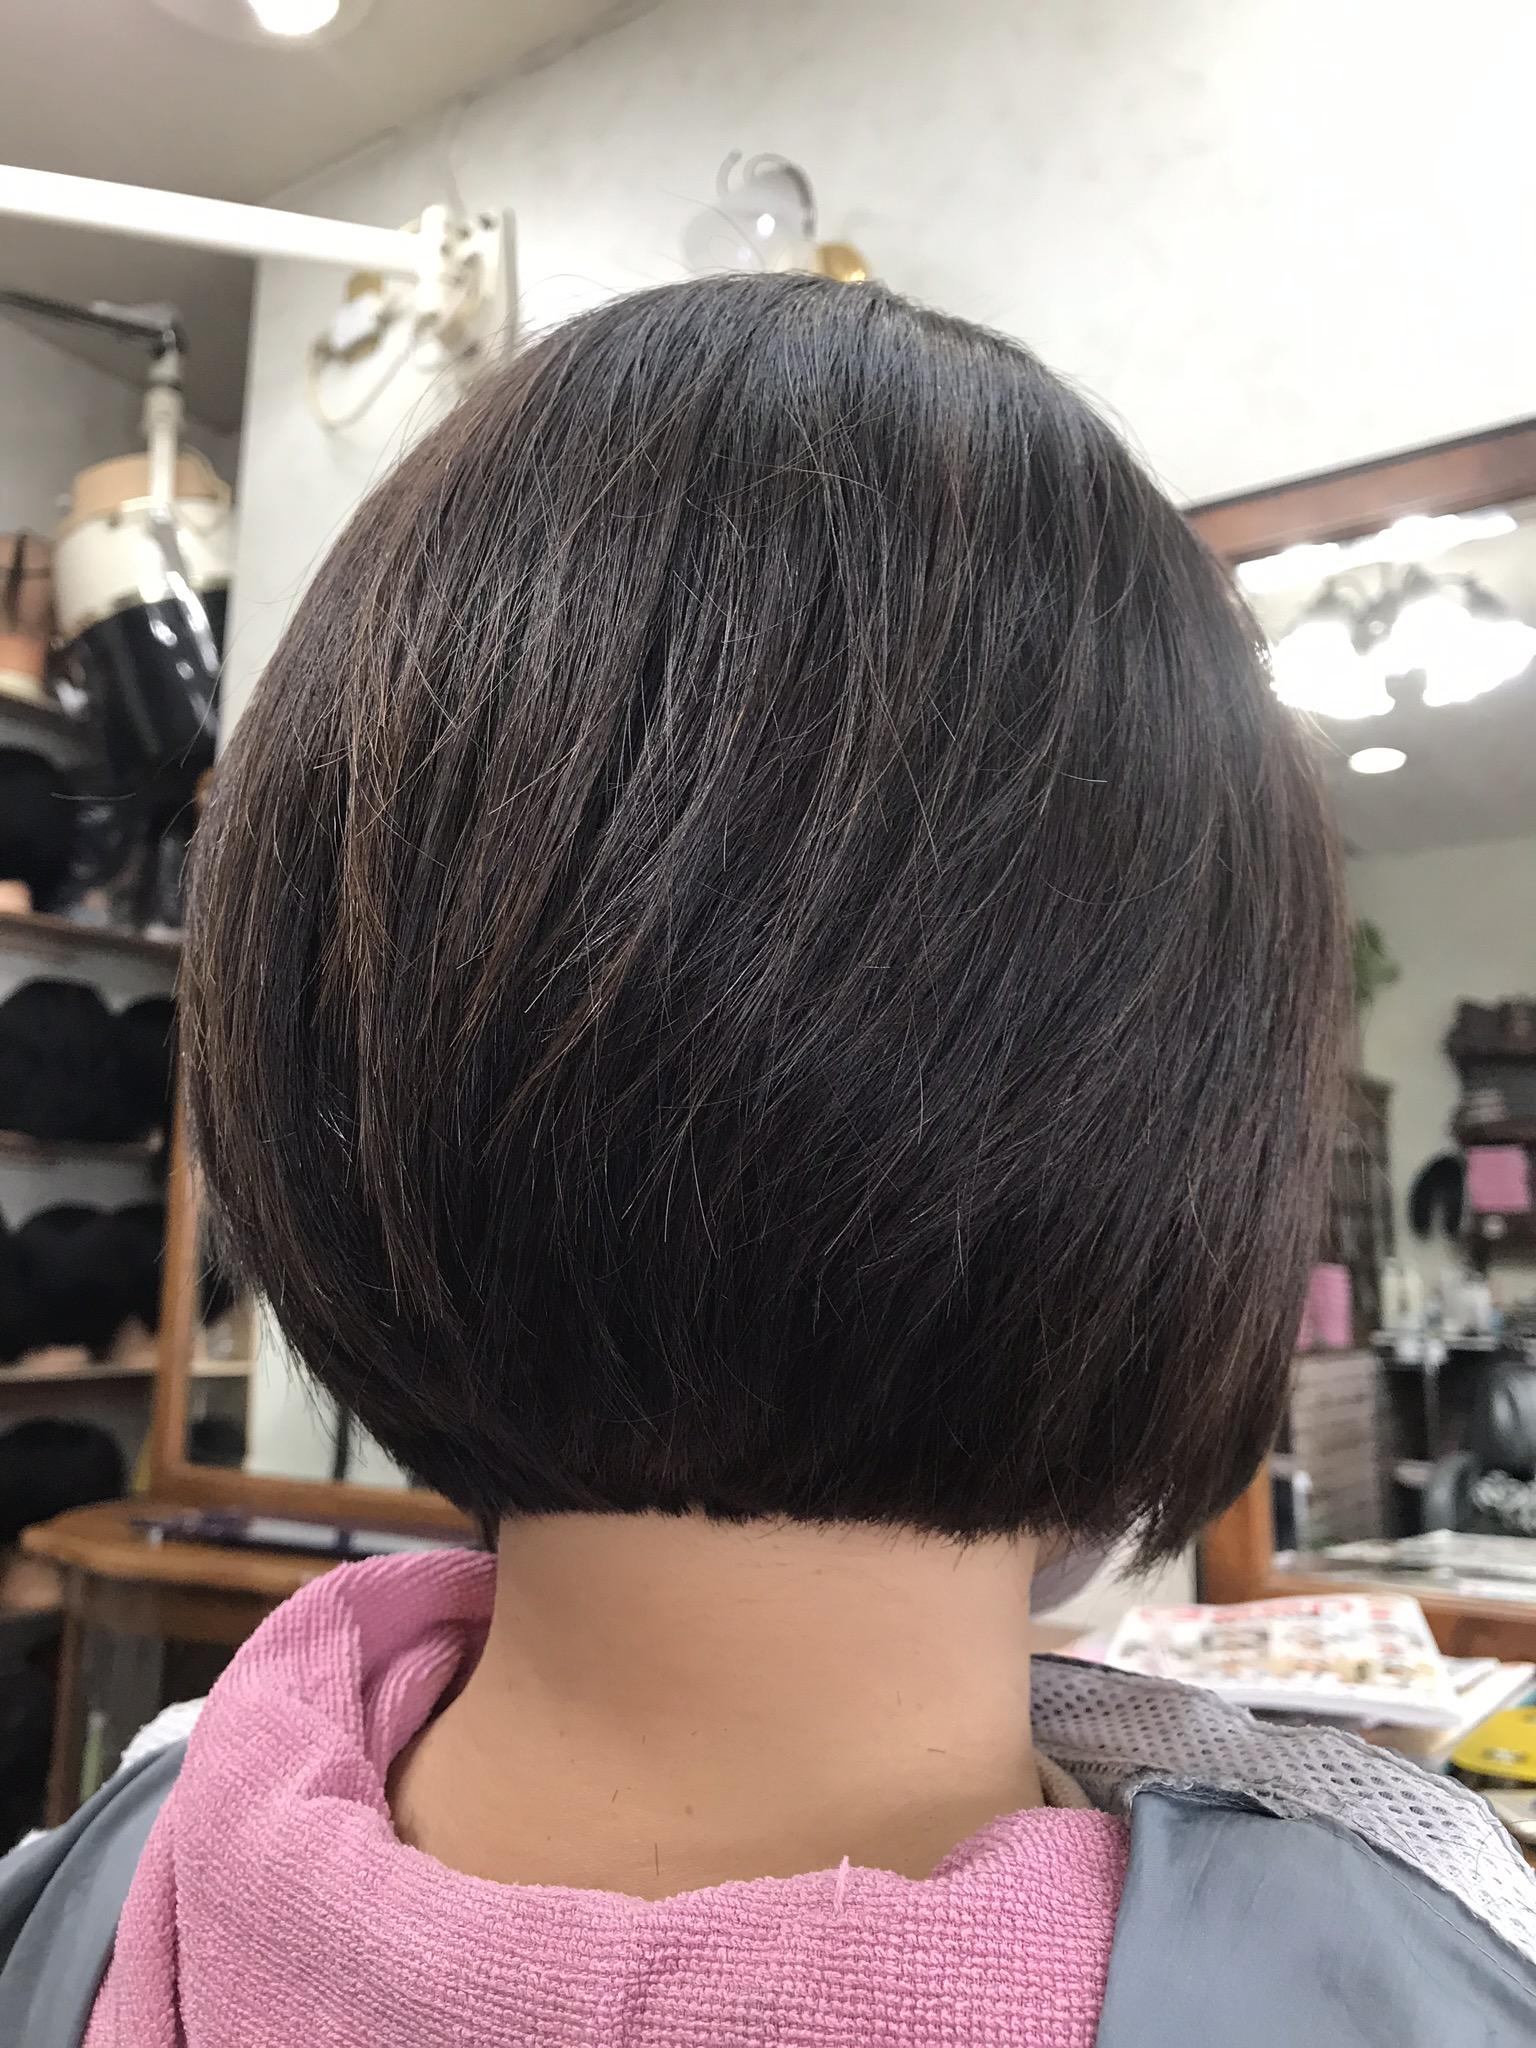 トップの髪が短いボブって? つむじが割れる髪質にはコレ